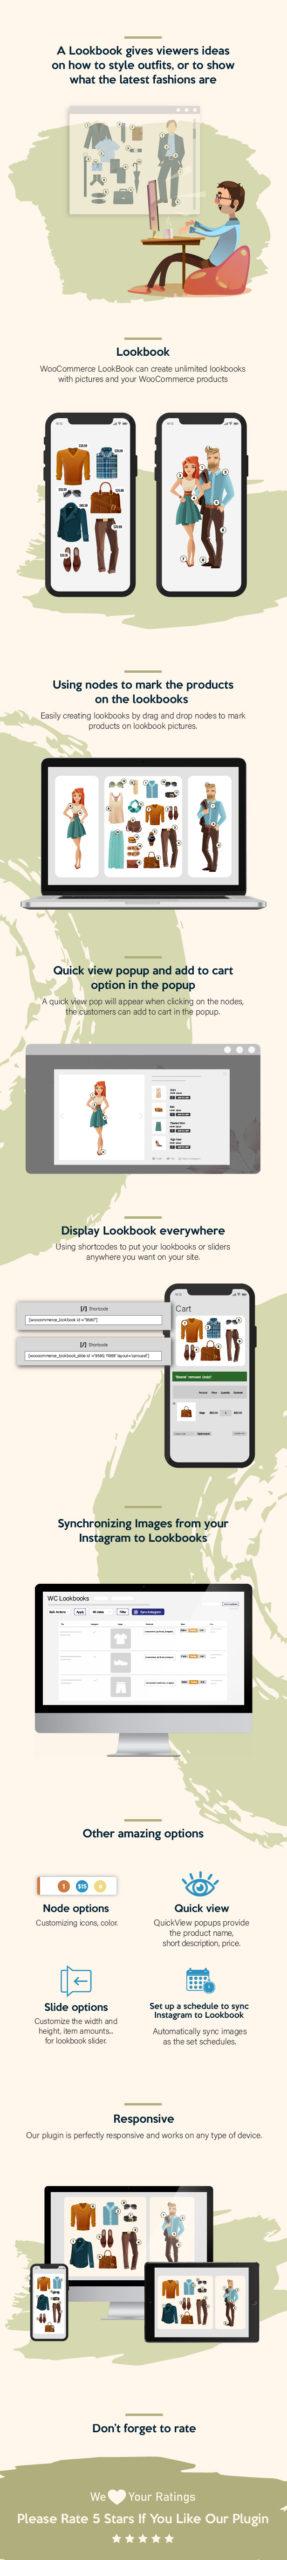 LookbookIn inforgraphic